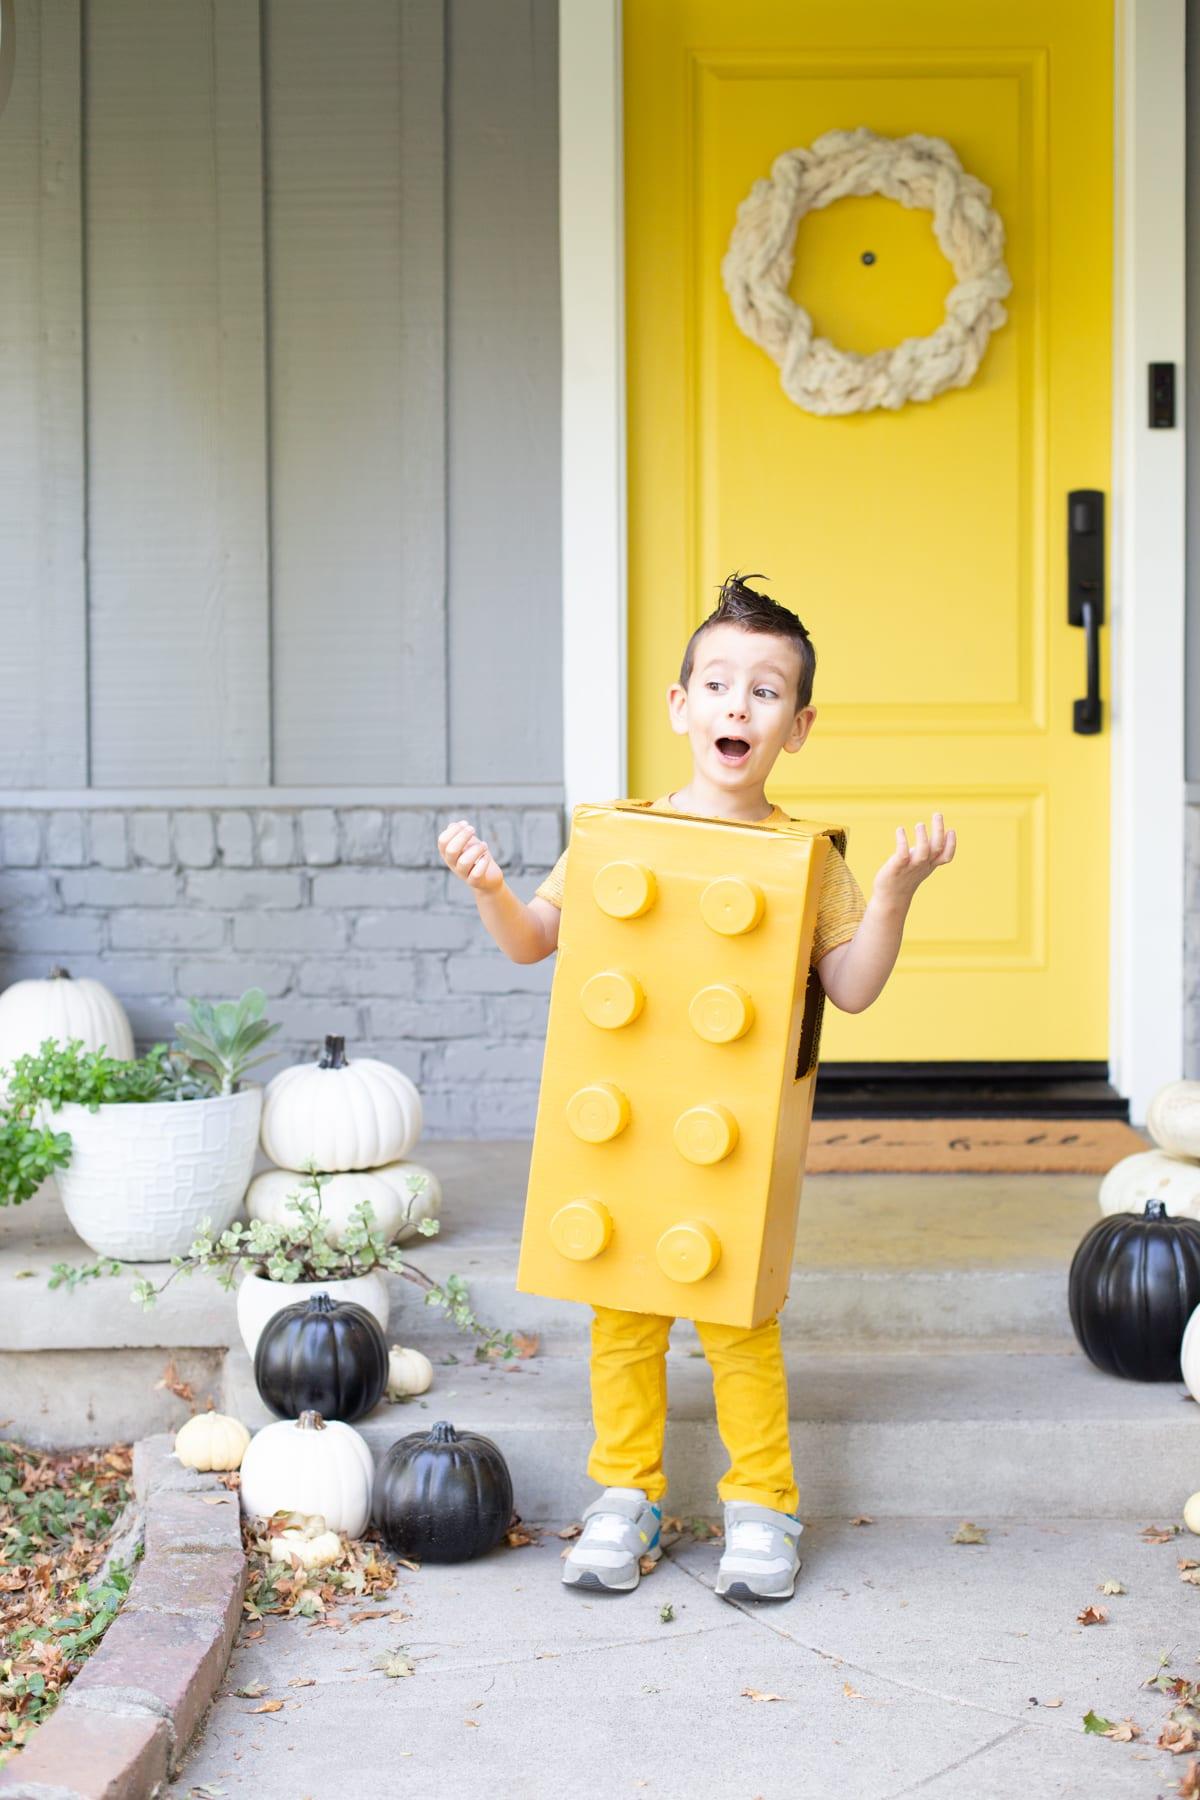 las mejores ideas de disfraces de halloween originales, disfraz halloween niña niño, disfraces lego